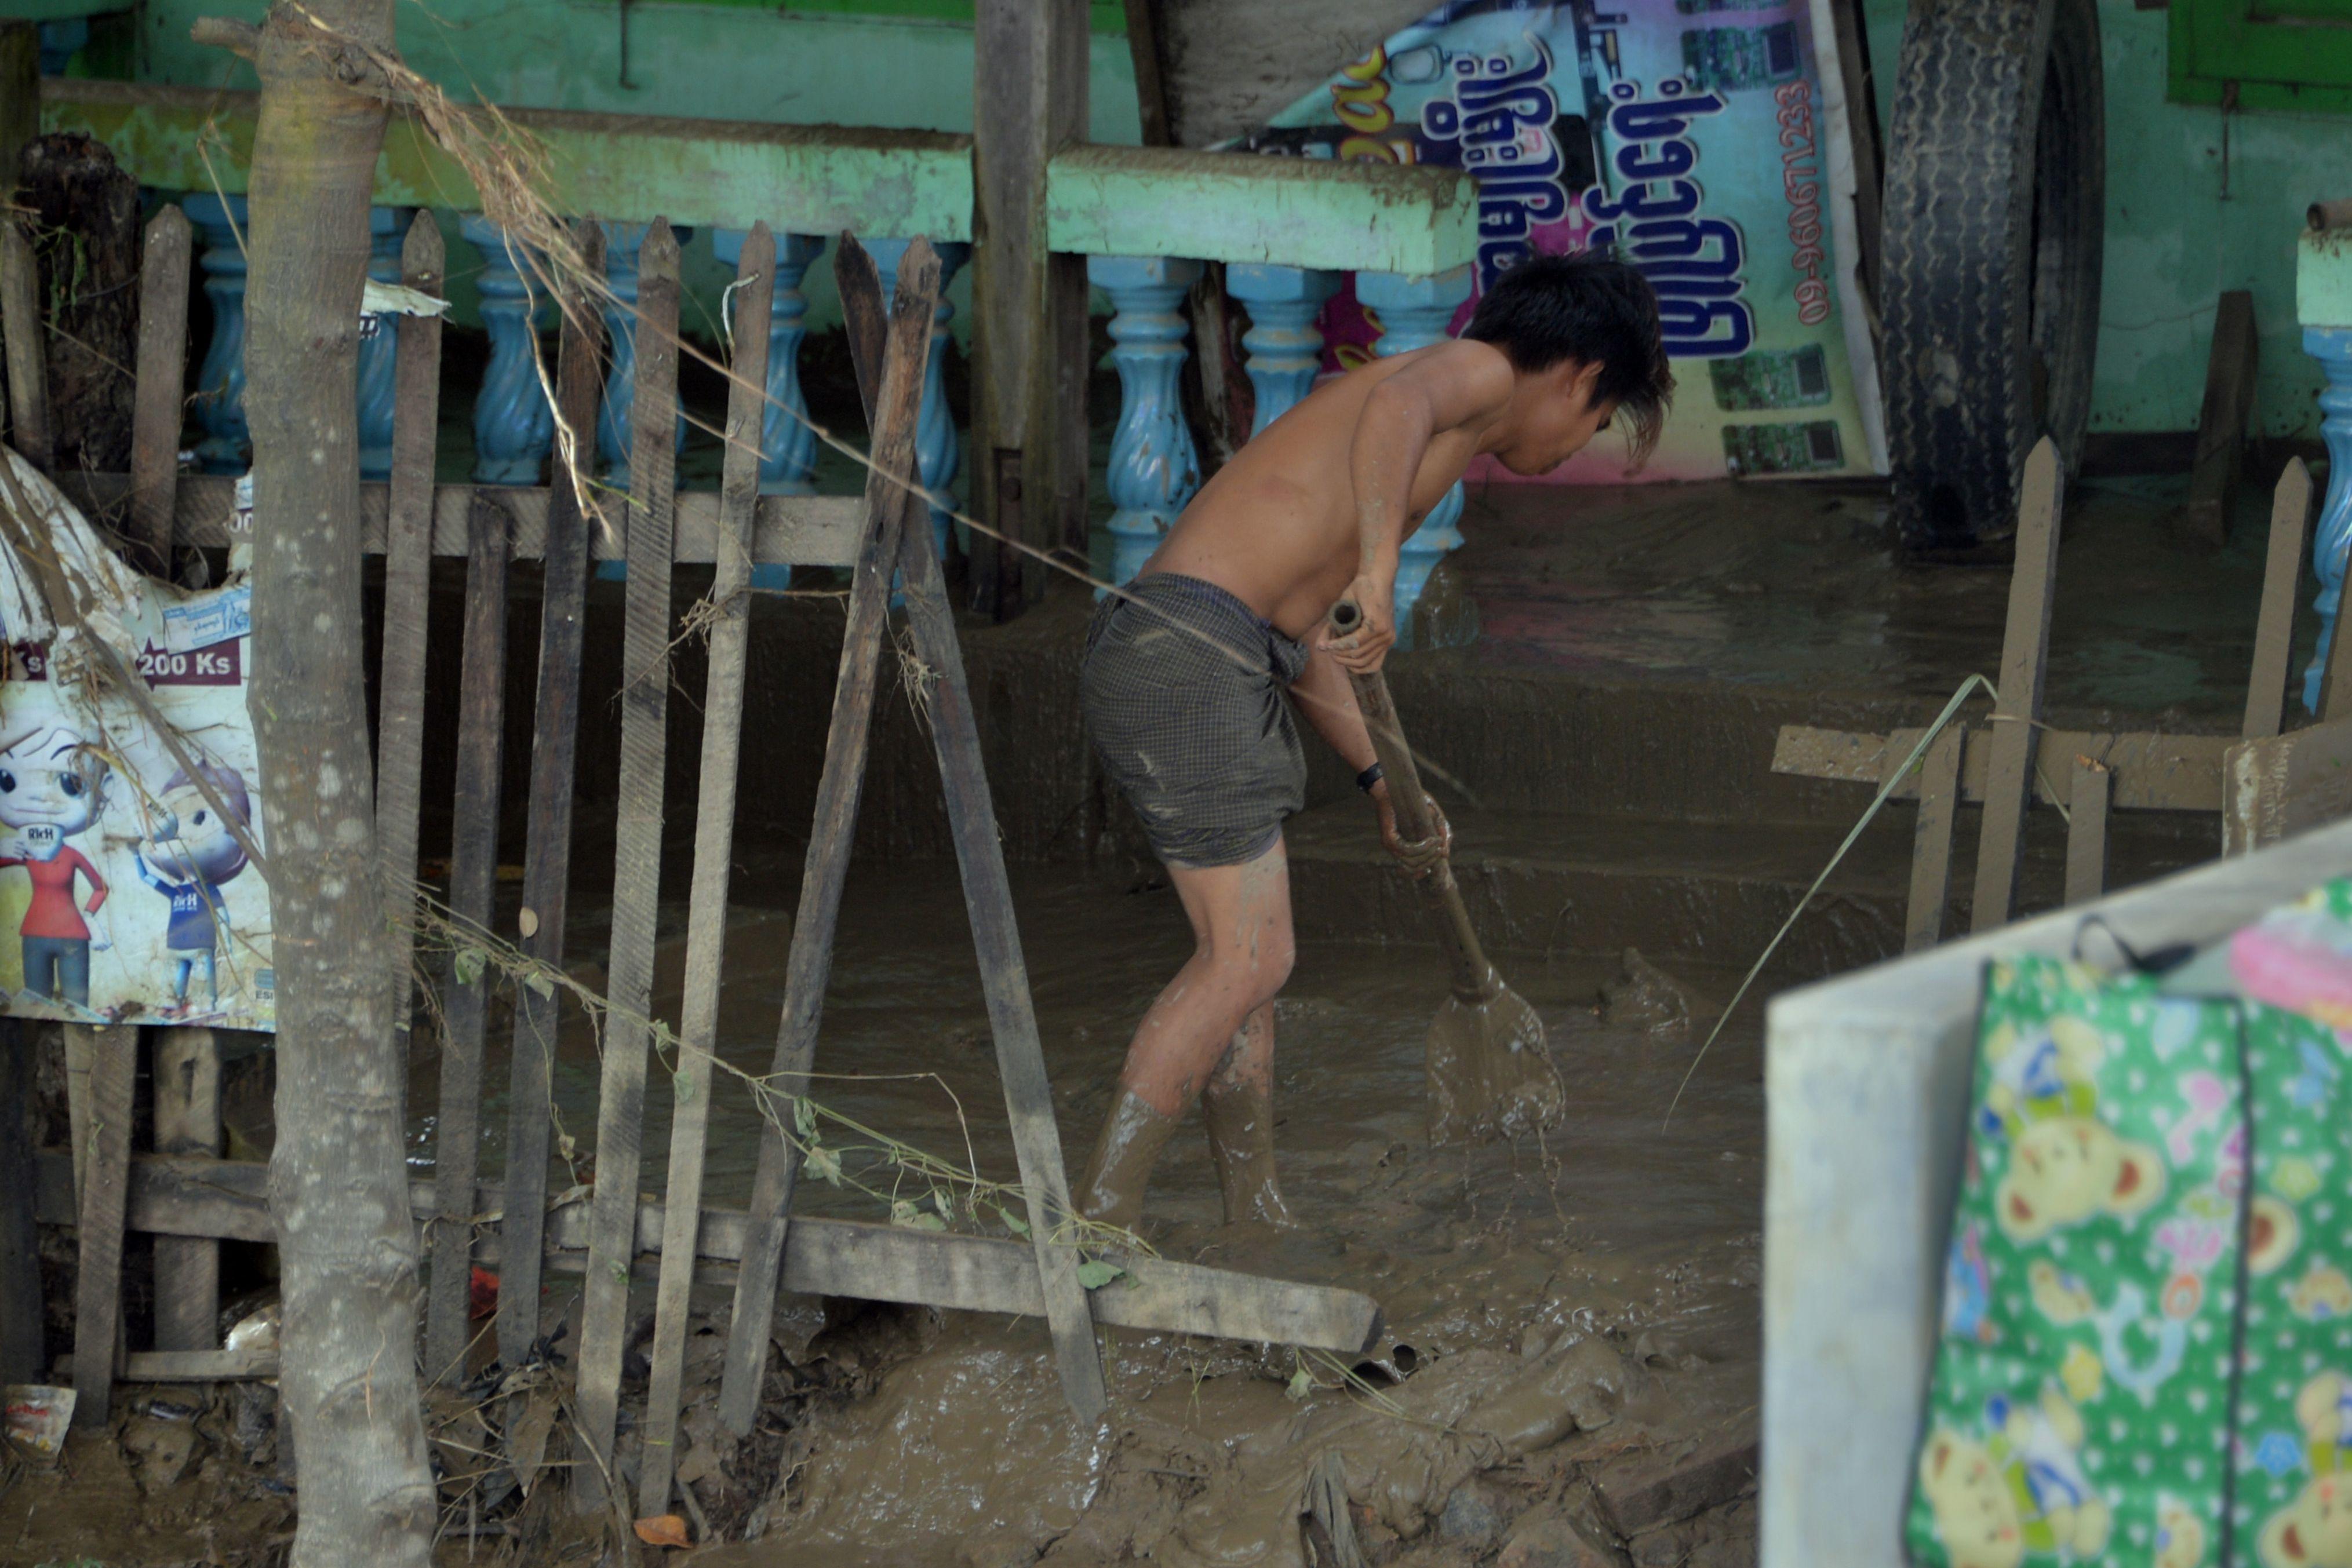 تضرر بالغ فى المنازل بسبب المياه